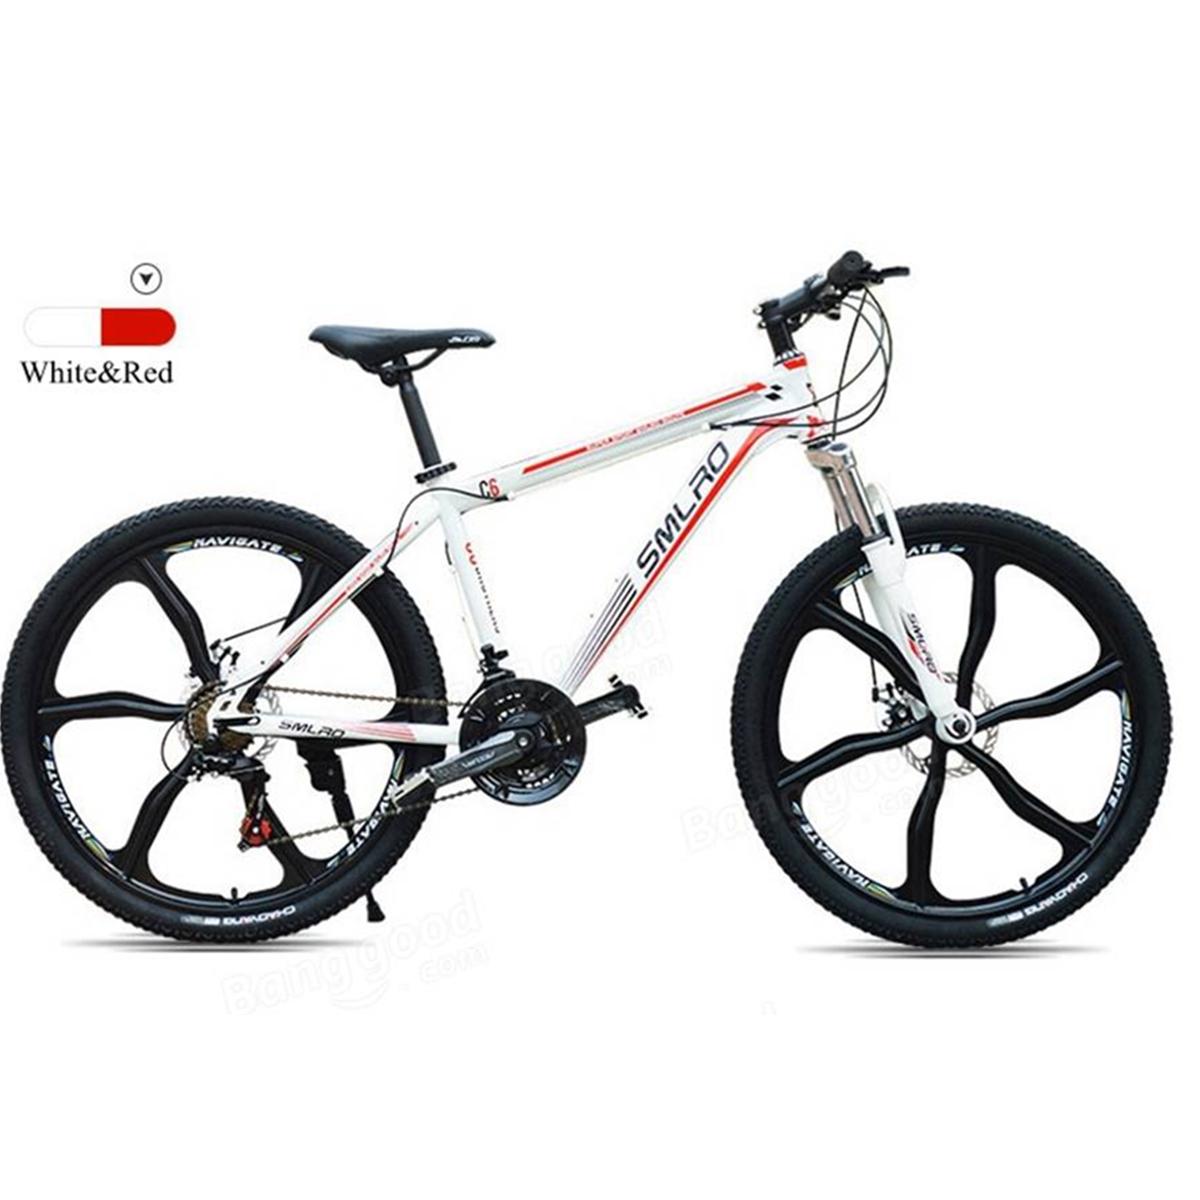 SMLRO 26inch Men's Mountain Bike 21 Speed High Carbon Ste...